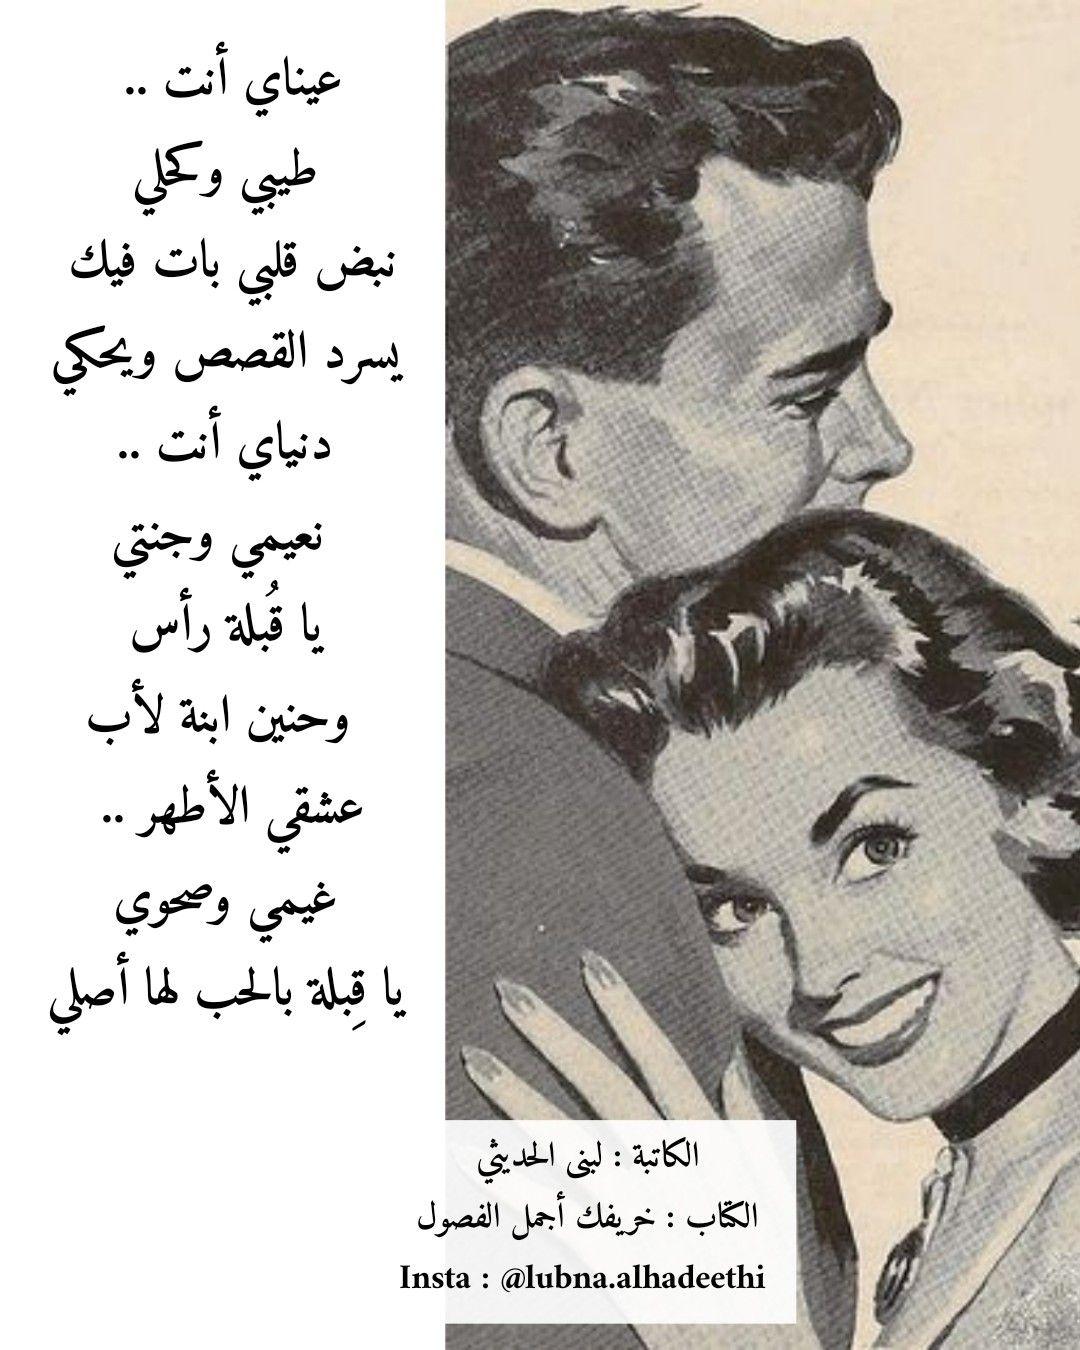 خريفك أجمل الفصول لبنى الحديثي حب اهتمام رومانسية كلمات عشق اهمال أحبك حبيبي اشتياق وفاء خيانة قلب Romantic Words Love Quotes Words